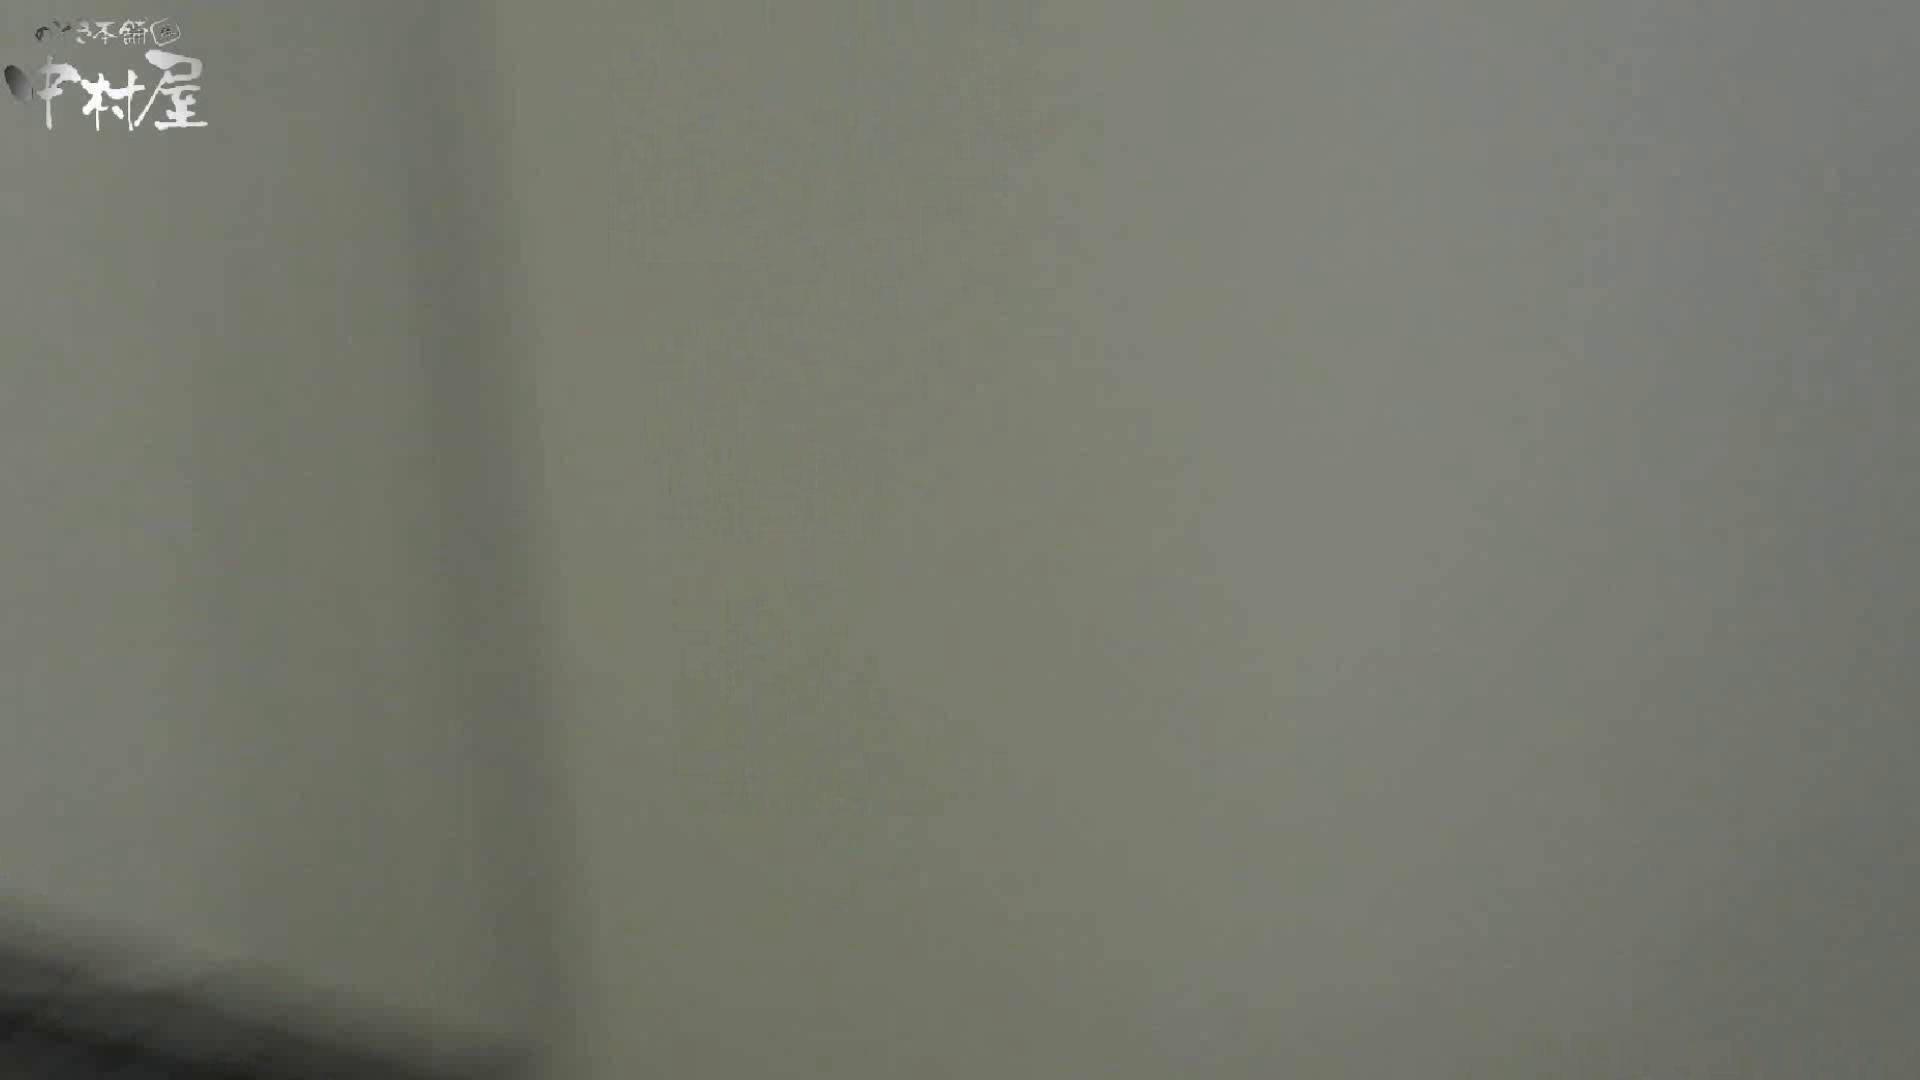 魂のかわや盗撮62連発! ロンハーギャル! 45発目! 萌えギャル スケベ動画紹介 93連発 77